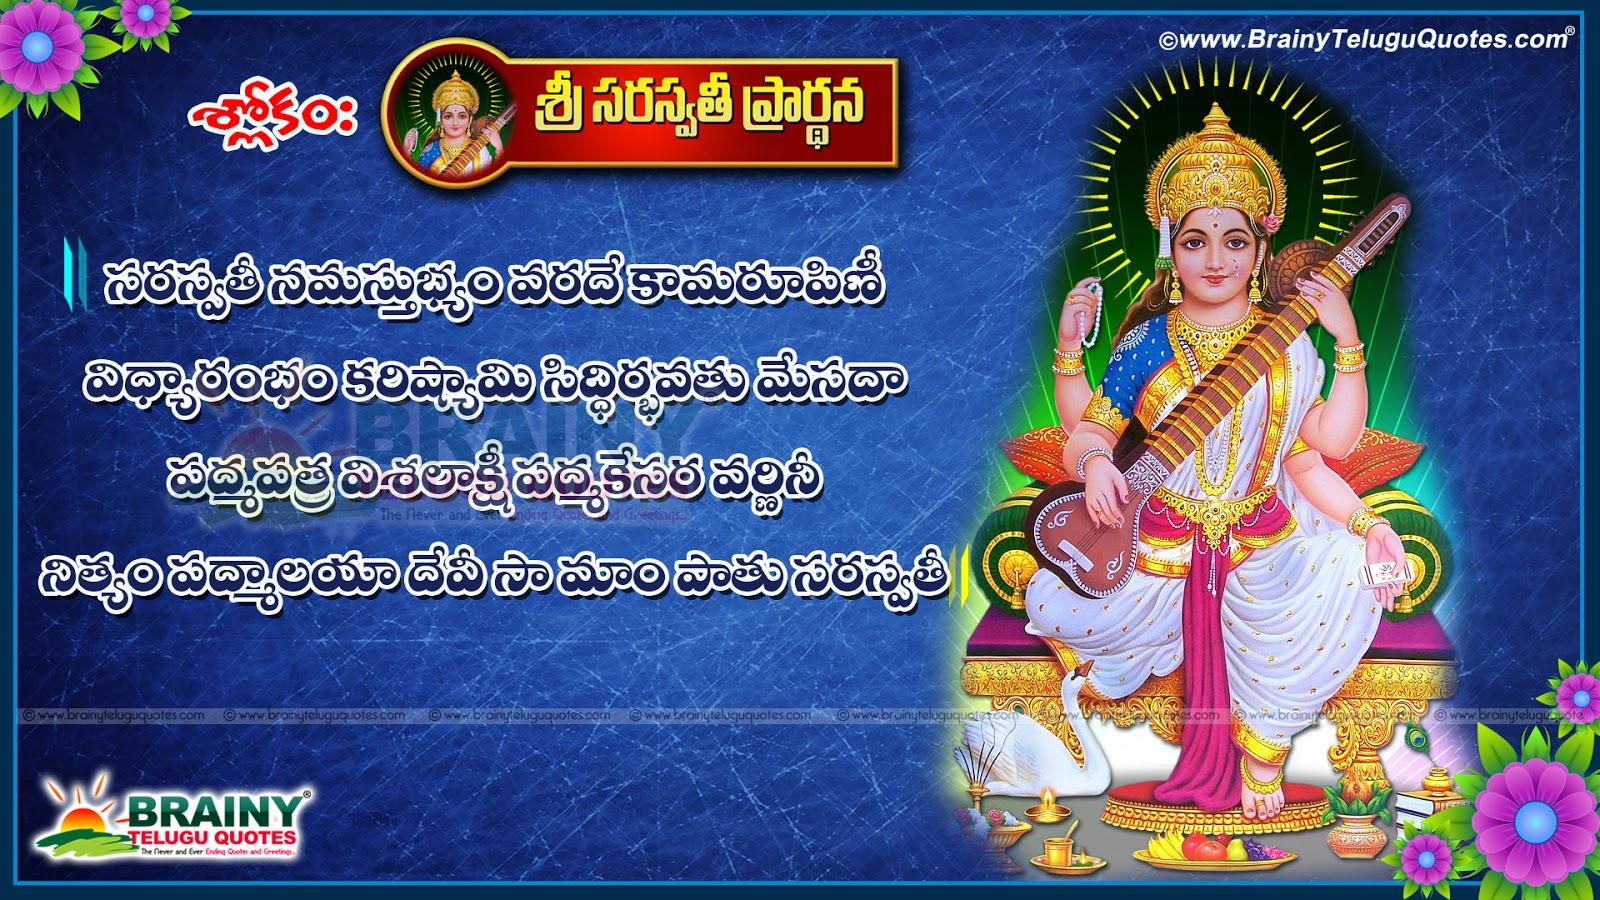 Vinayaka Chavithi Hd Wallpapers Saraswathi Namasthubyam Slokam Lyrics In Telugu With